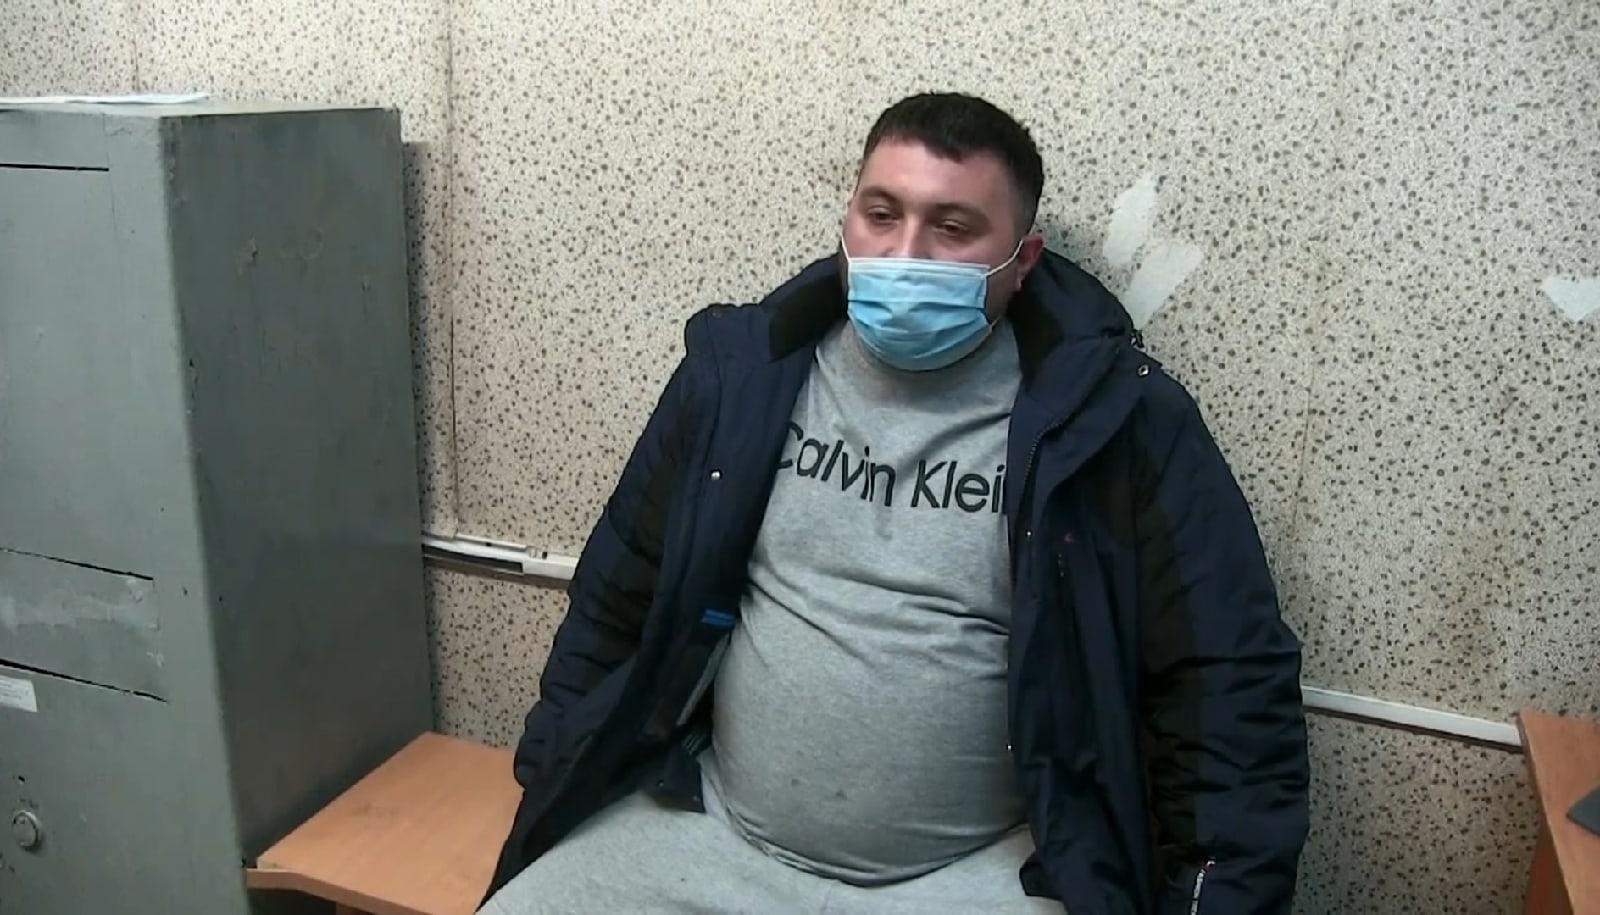 Суд не стал арестовывать кировчанина, который пнул инвалида